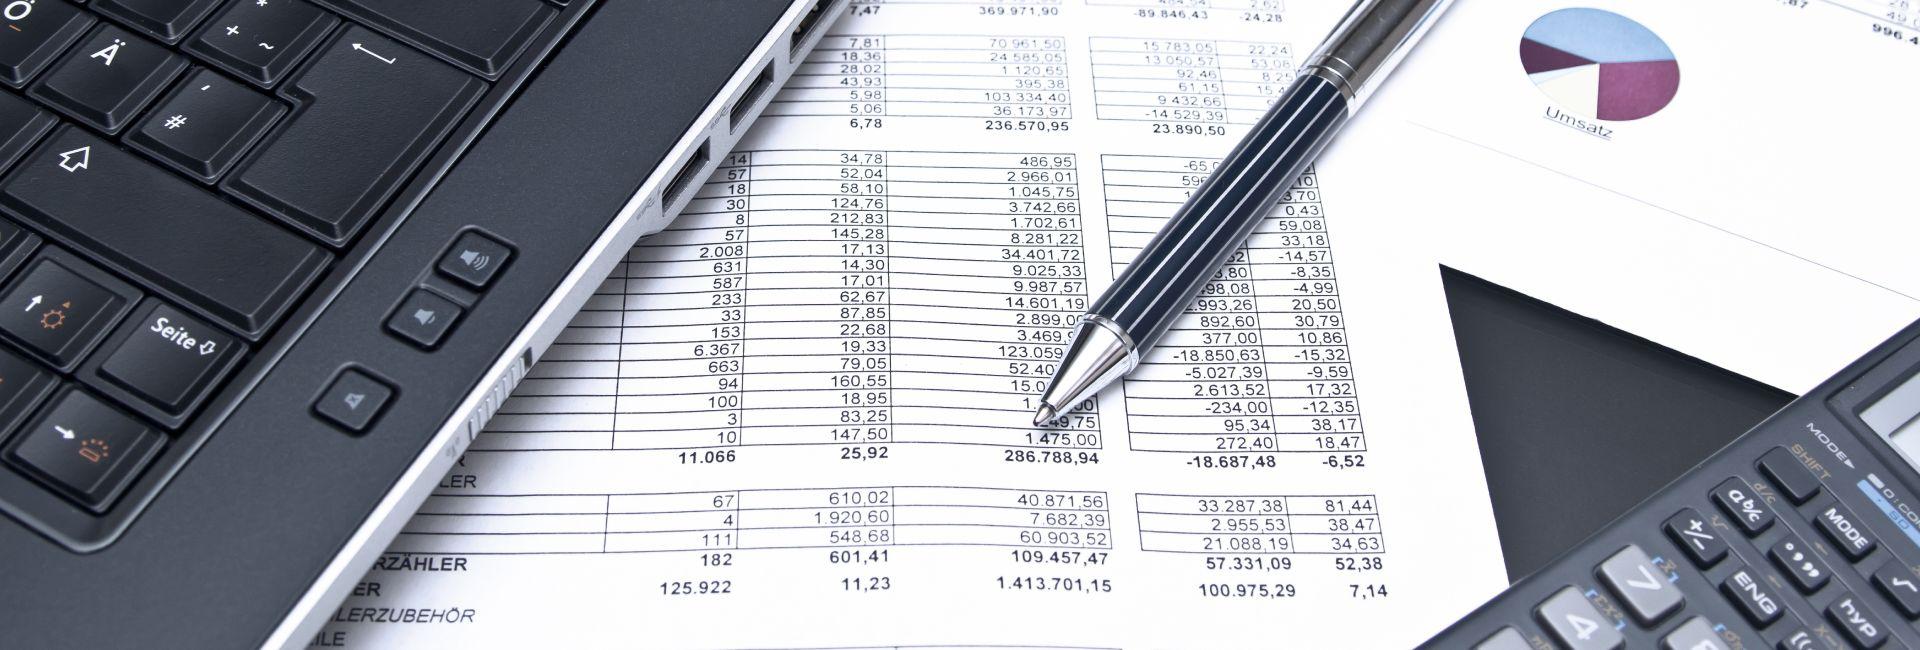 Přežijte krizi s Fidoo díky zvýšení kontroly nad firemními financemi